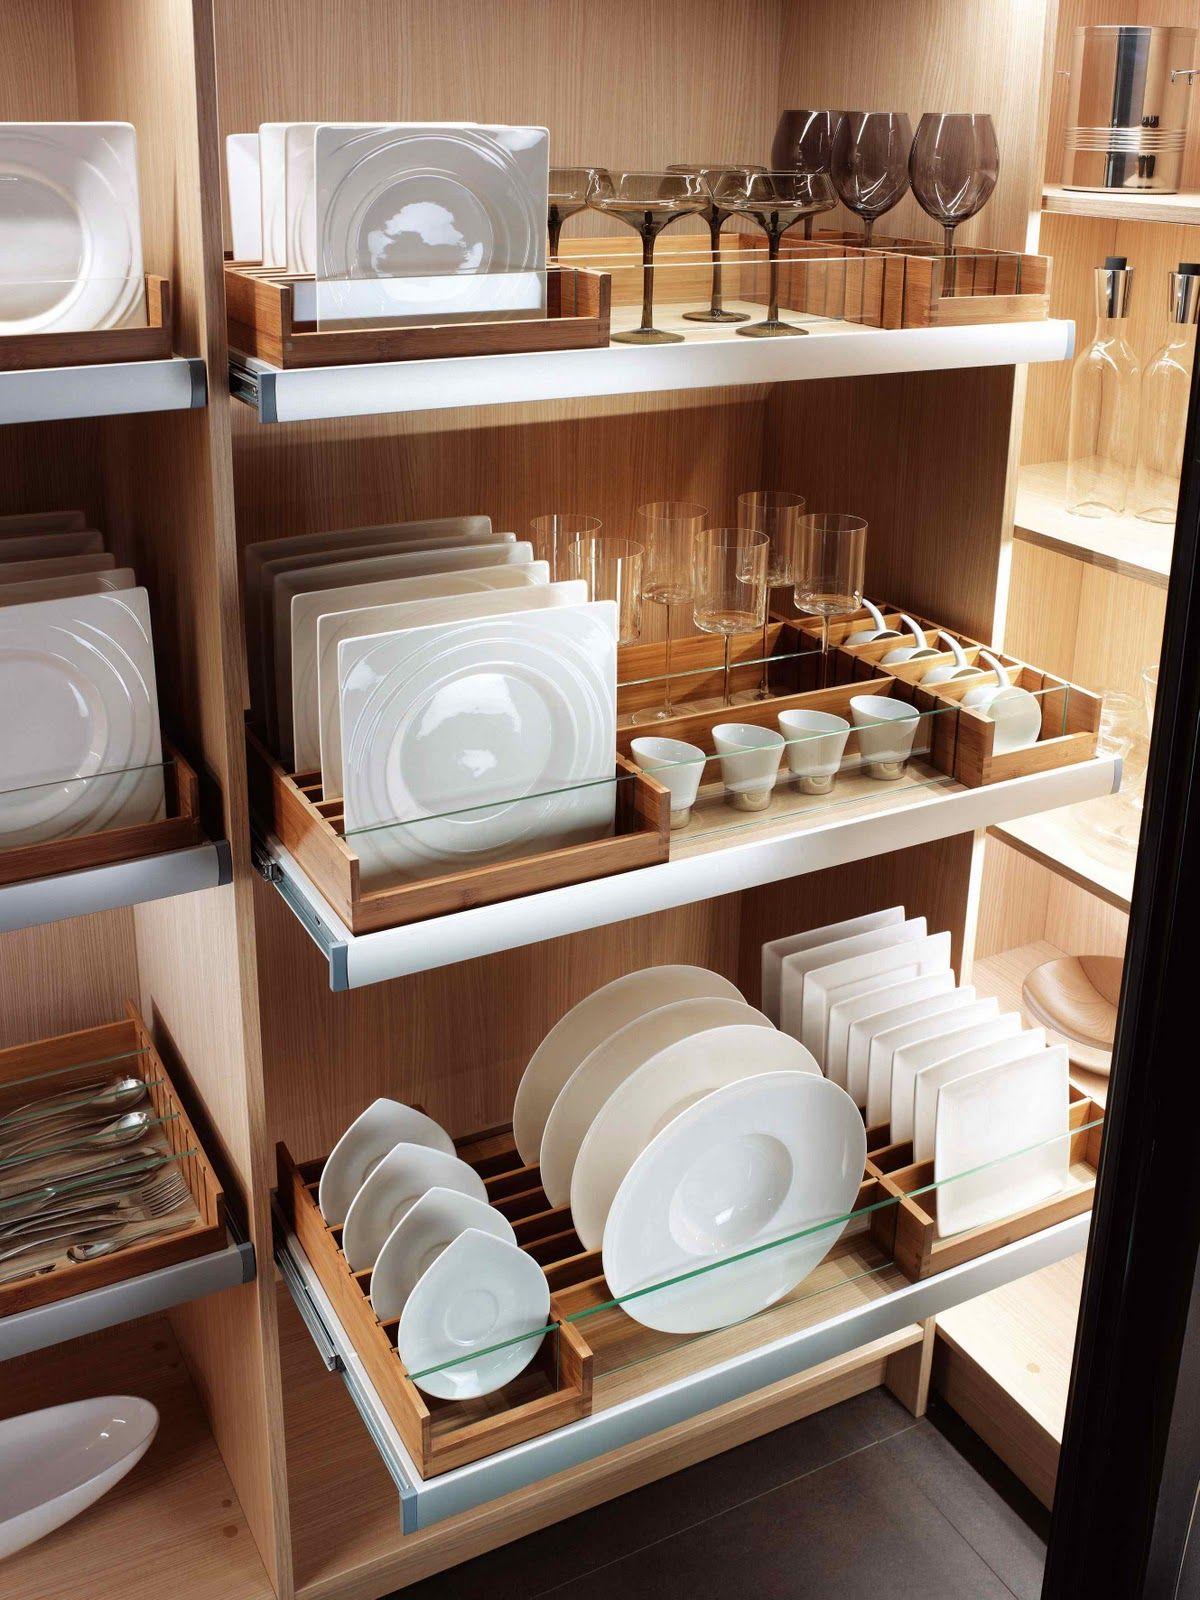 la minute d co les rangements de cuisine kitchen pinterest rangement cuisine rangement. Black Bedroom Furniture Sets. Home Design Ideas